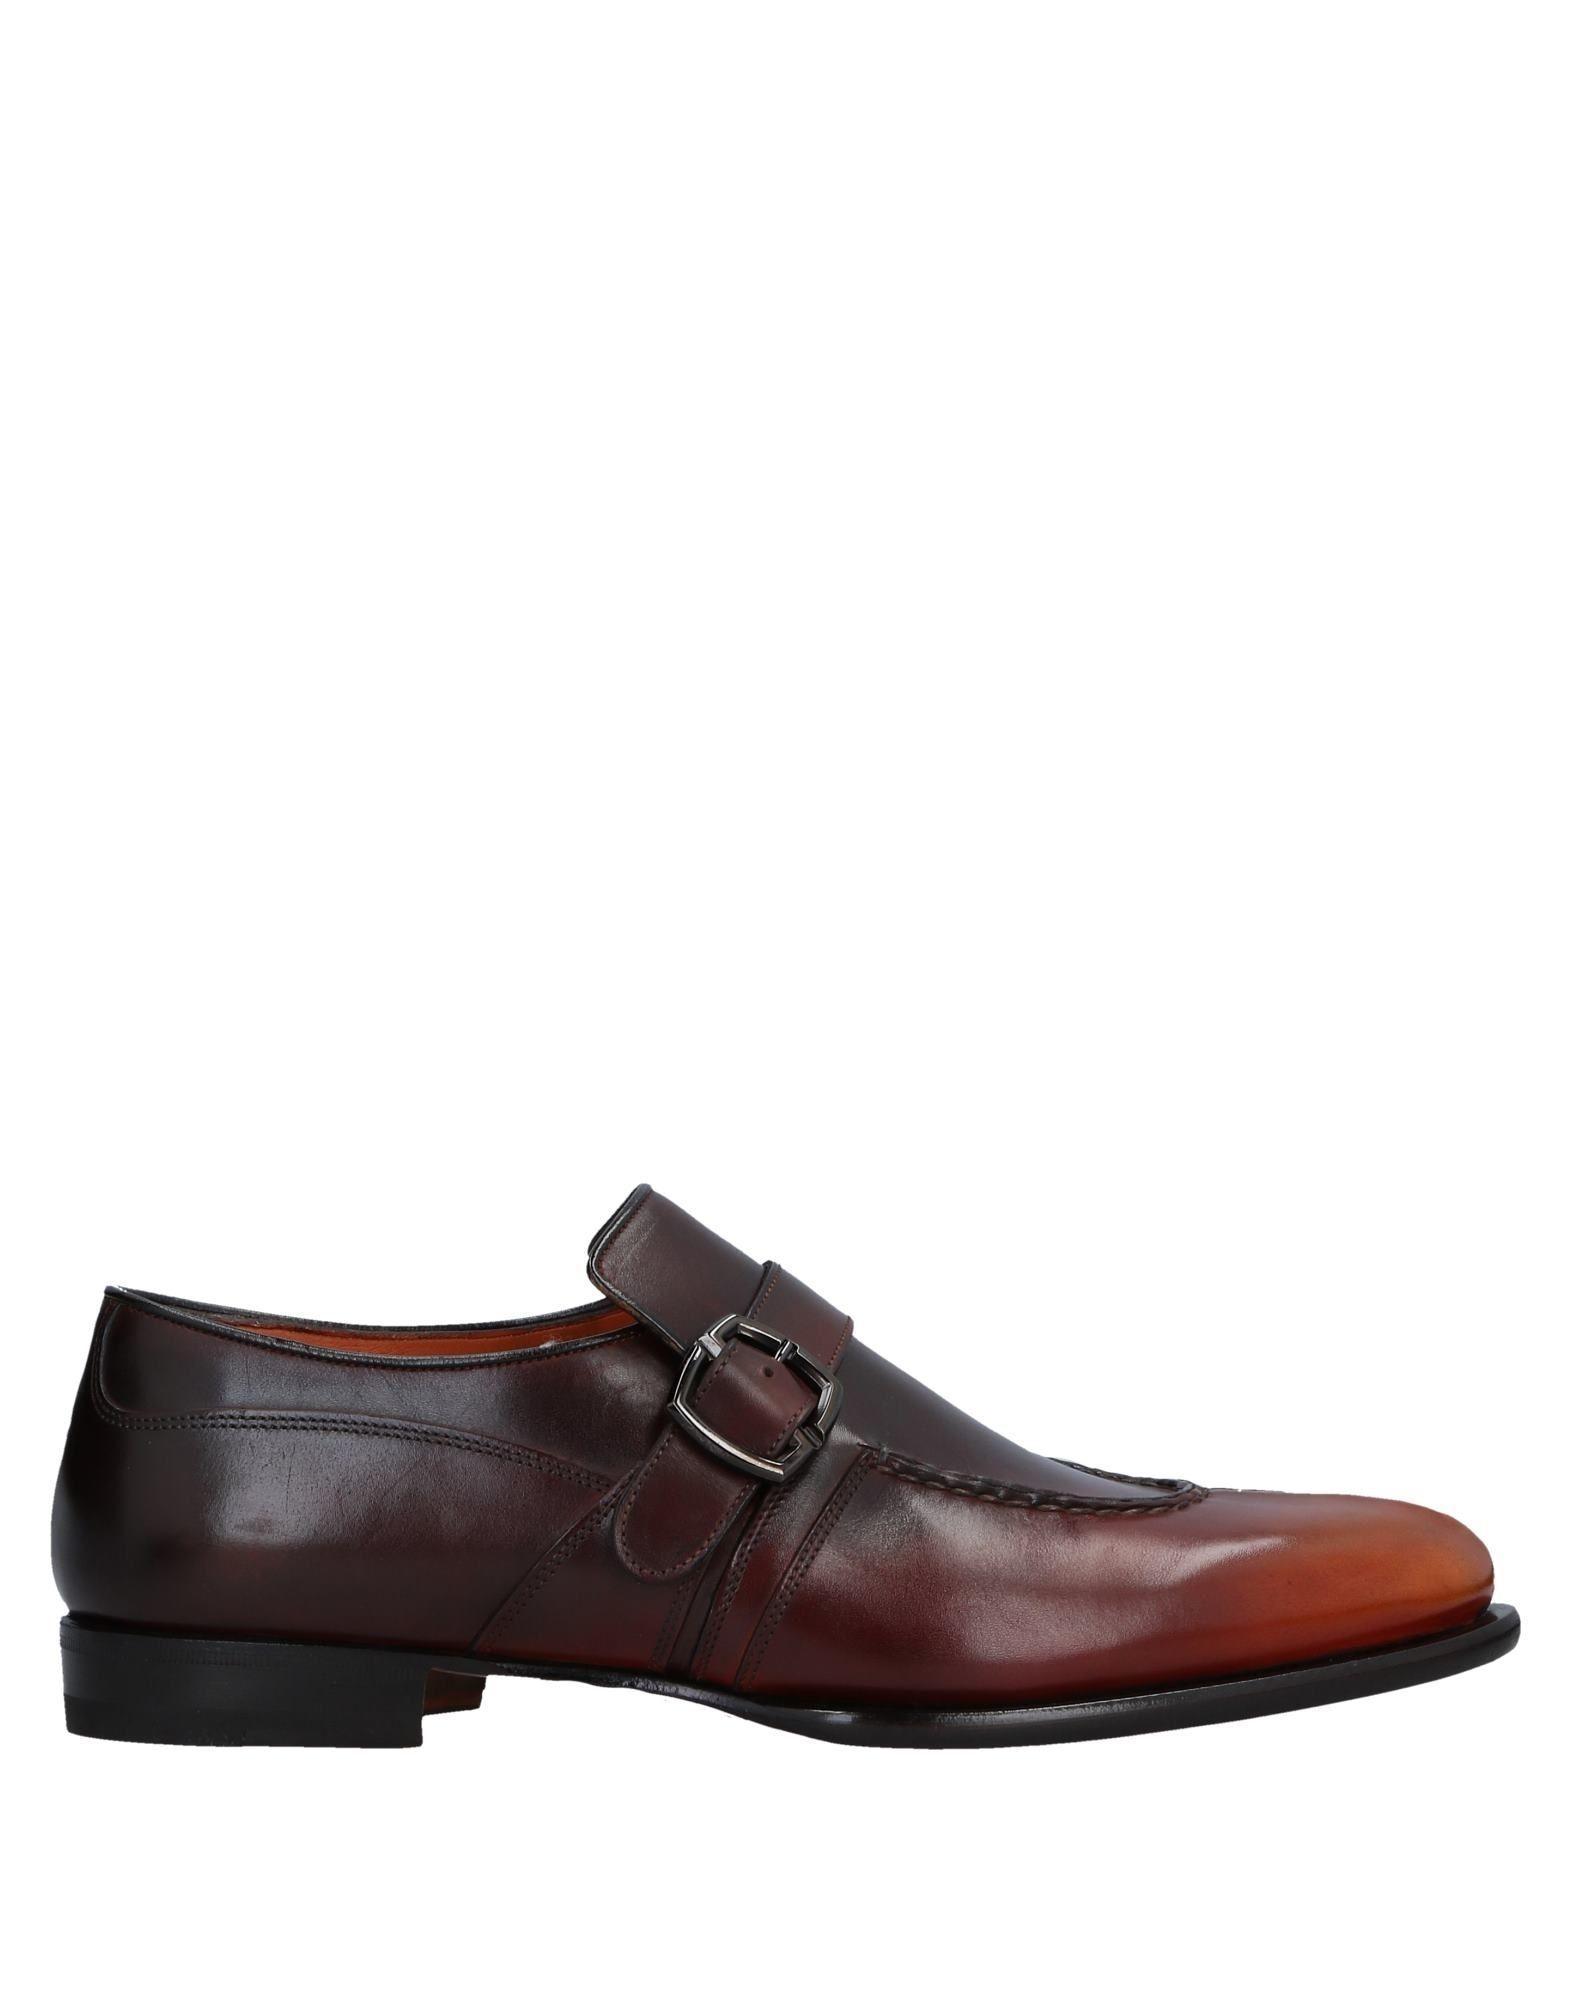 Nuevos zapatos para hombres y mujeres, descuento limitado por tiempo limitado descuento  Mocasín Santoni Hombre - Mocasines Santoni 382995